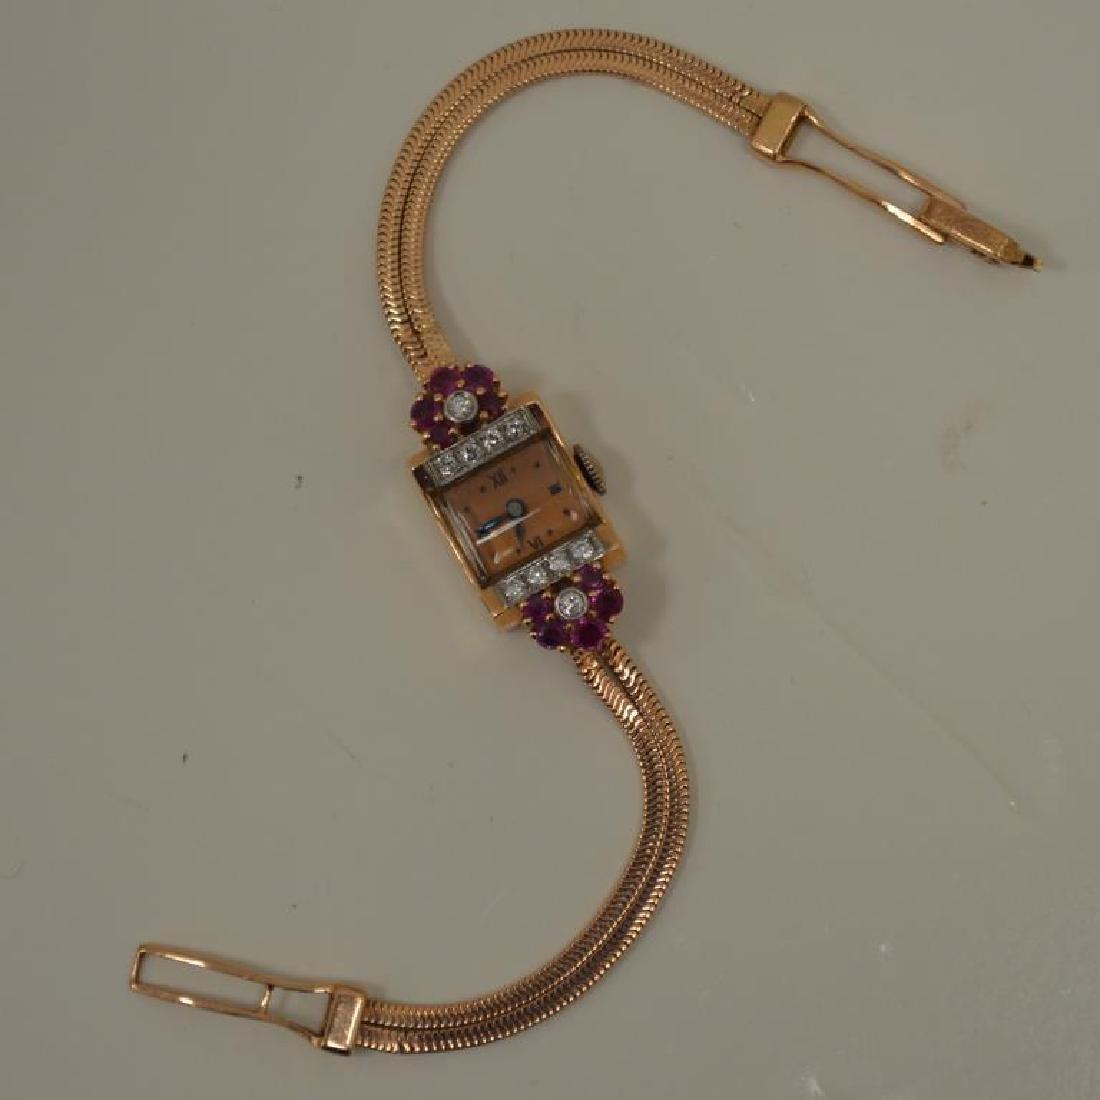 14kt rose gold vintage dress watch - 4